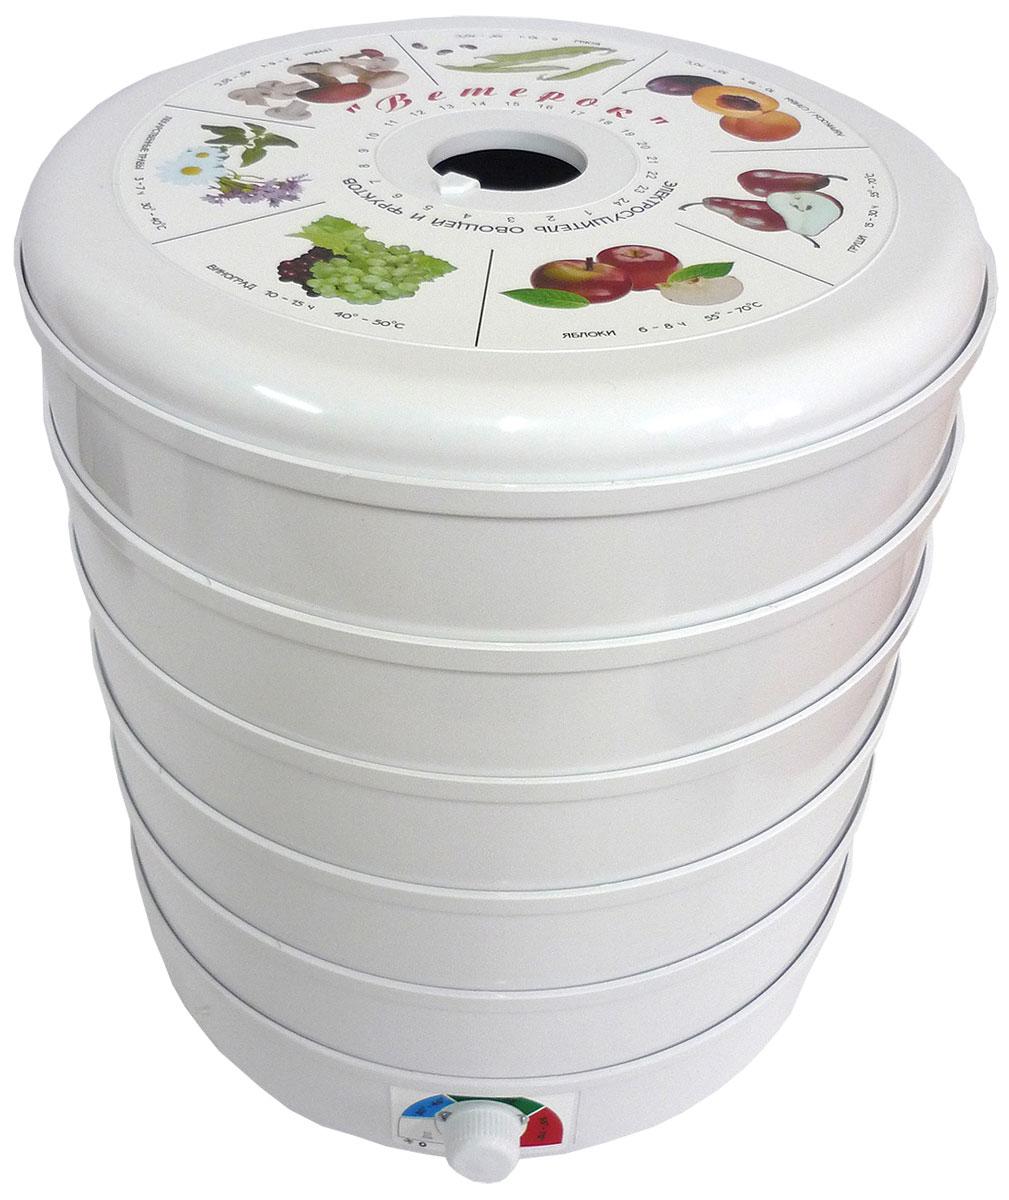 Ветерок ЭСОФ-0.5/220, White сушилка для овощей и фруктов